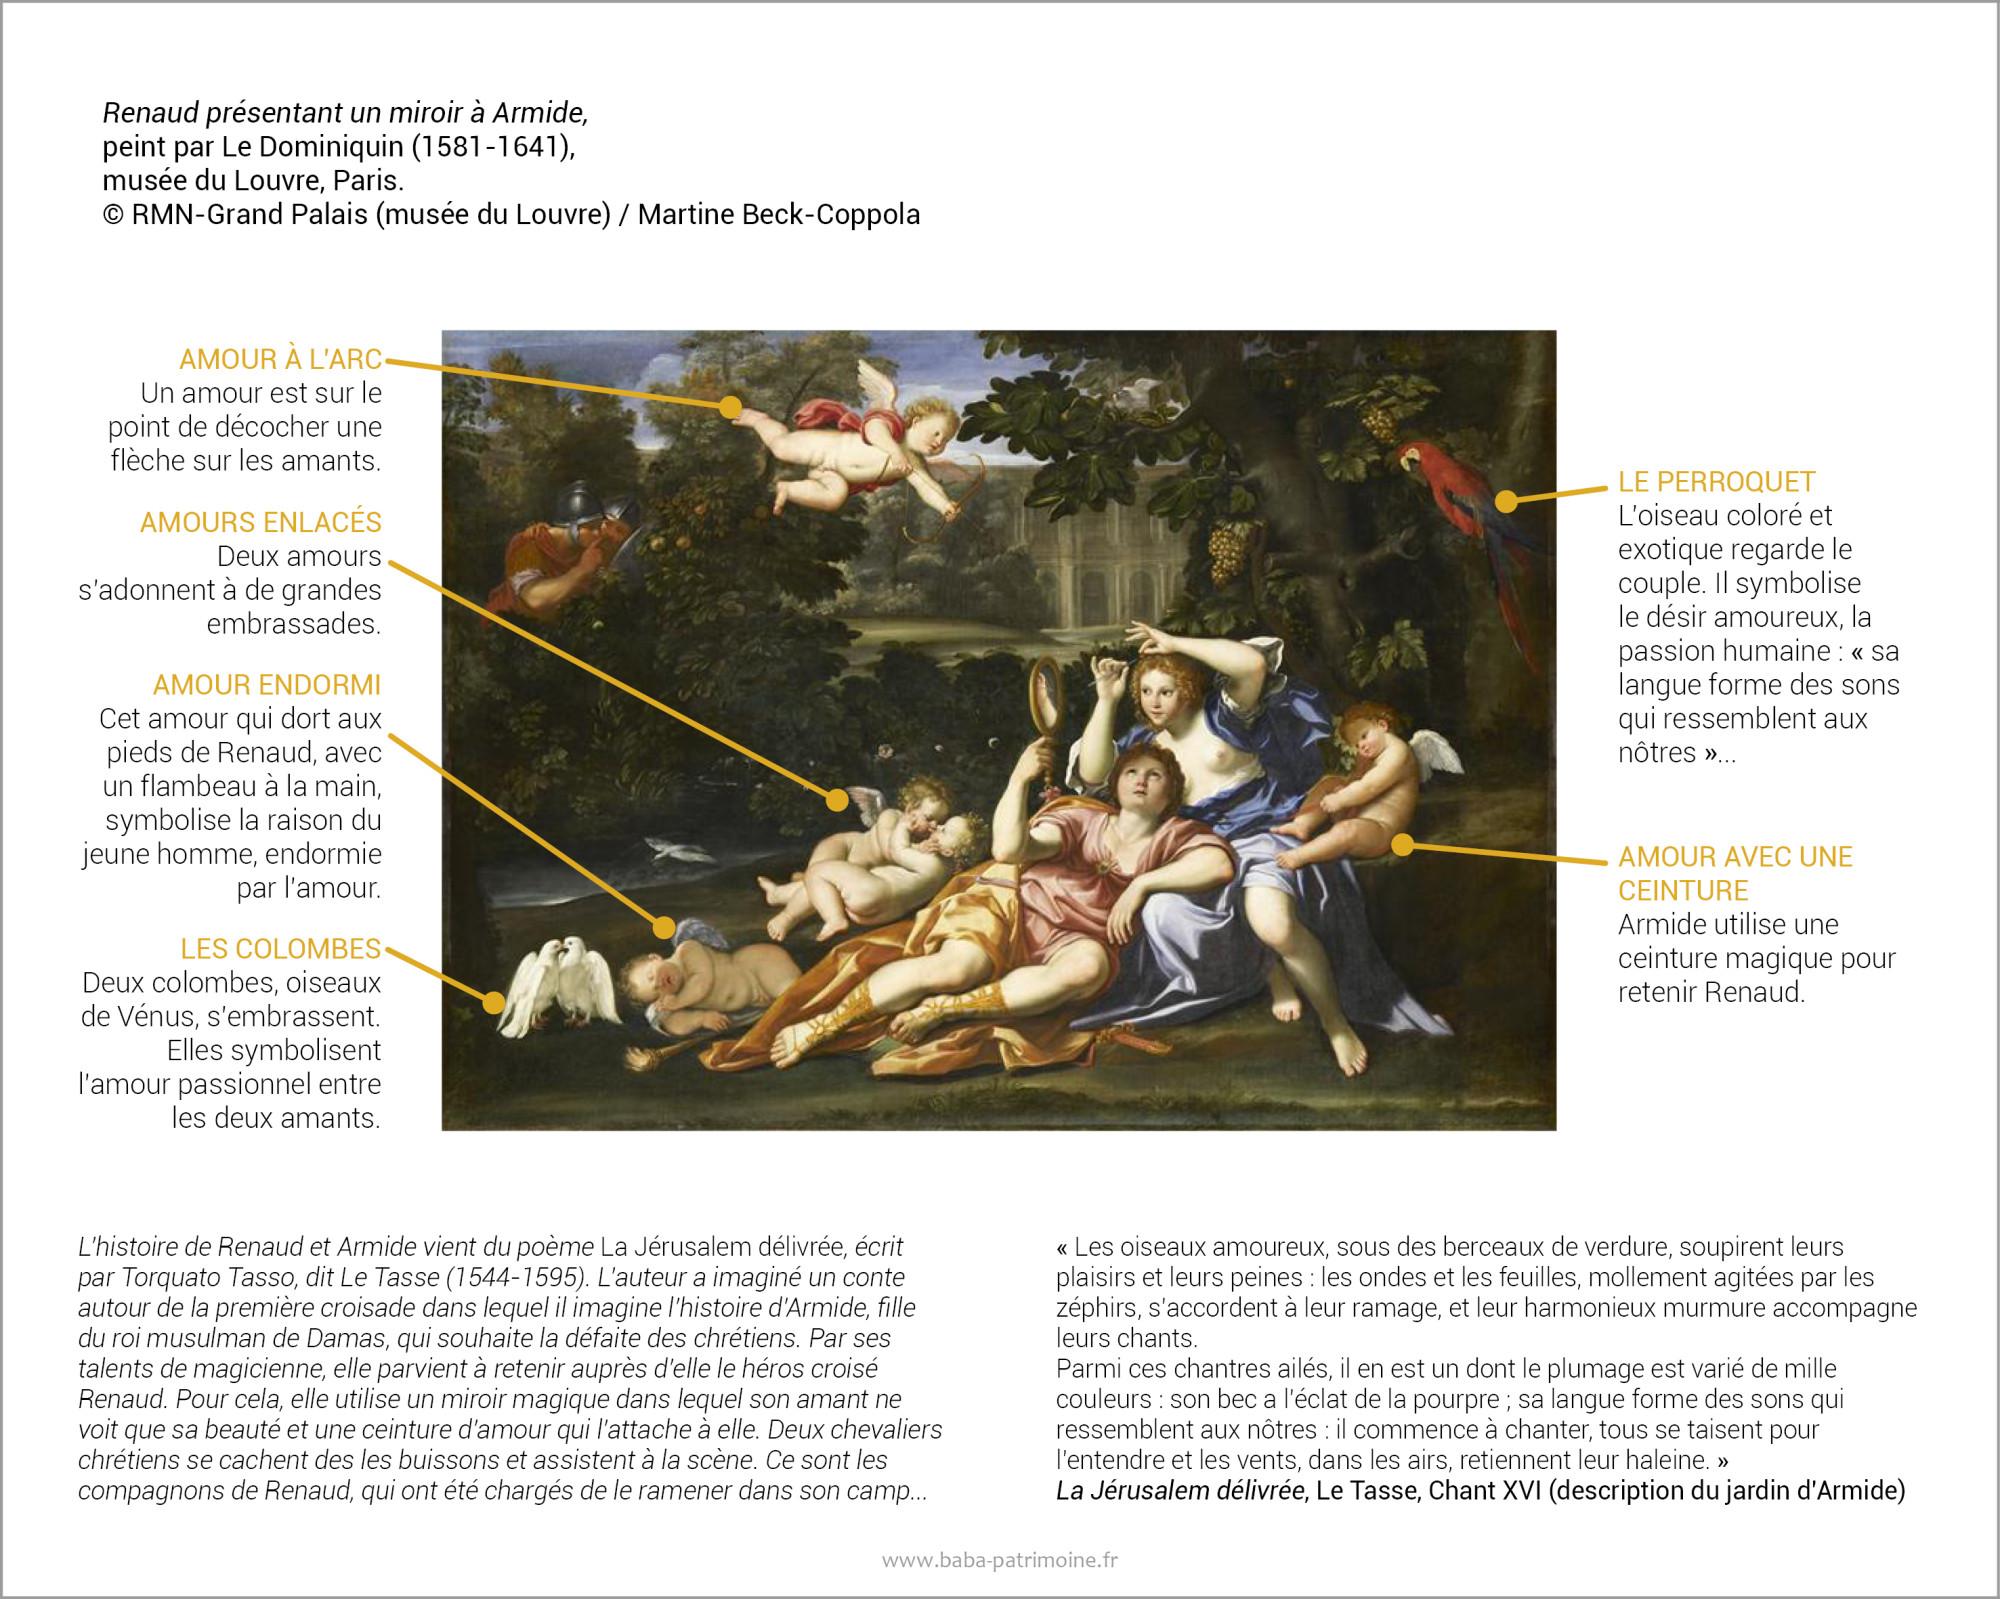 Renaud présentant un miroir à Armide, peint par Le Dominiquin (1581-1641), musée du Louvre, Paris. (C) RMN-Grand Palais (musée du Louvre) / Martine Beck-Coppola